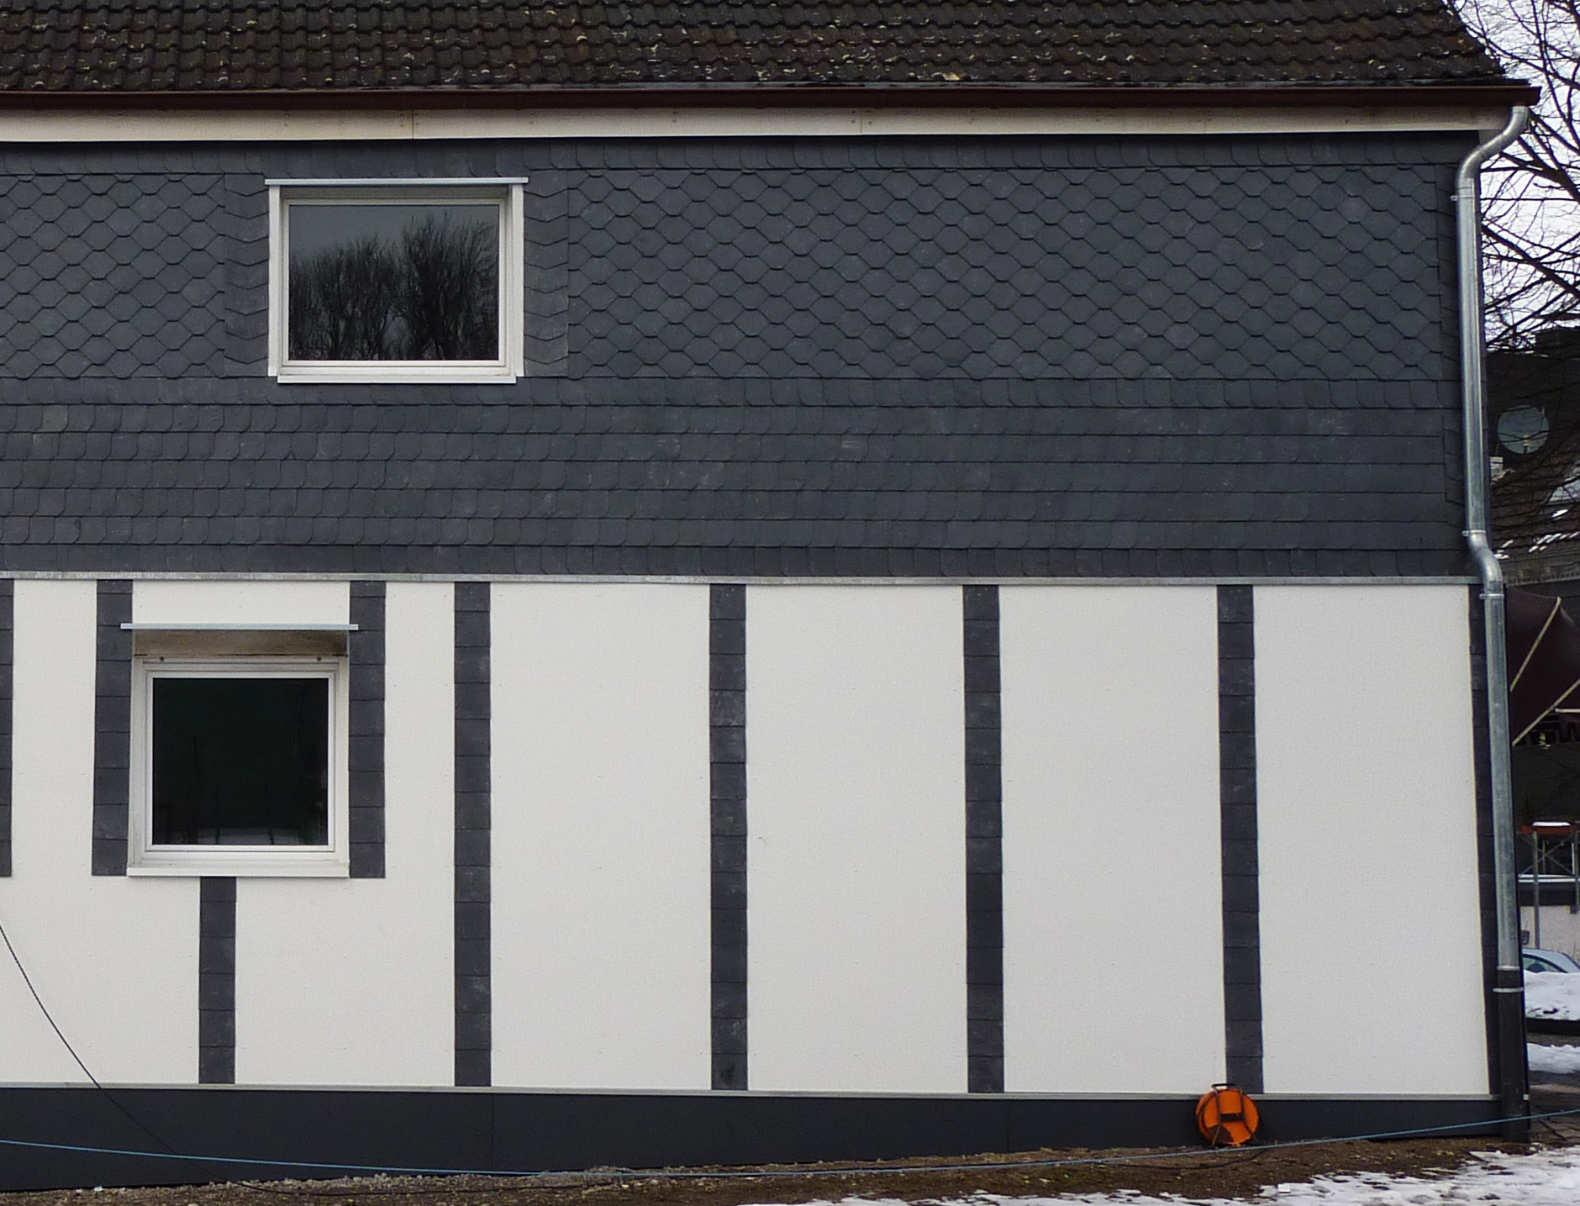 Gewaltig Fassade Mit Blech Verkleiden Das Beste Von Großformatige Fassadenplatten